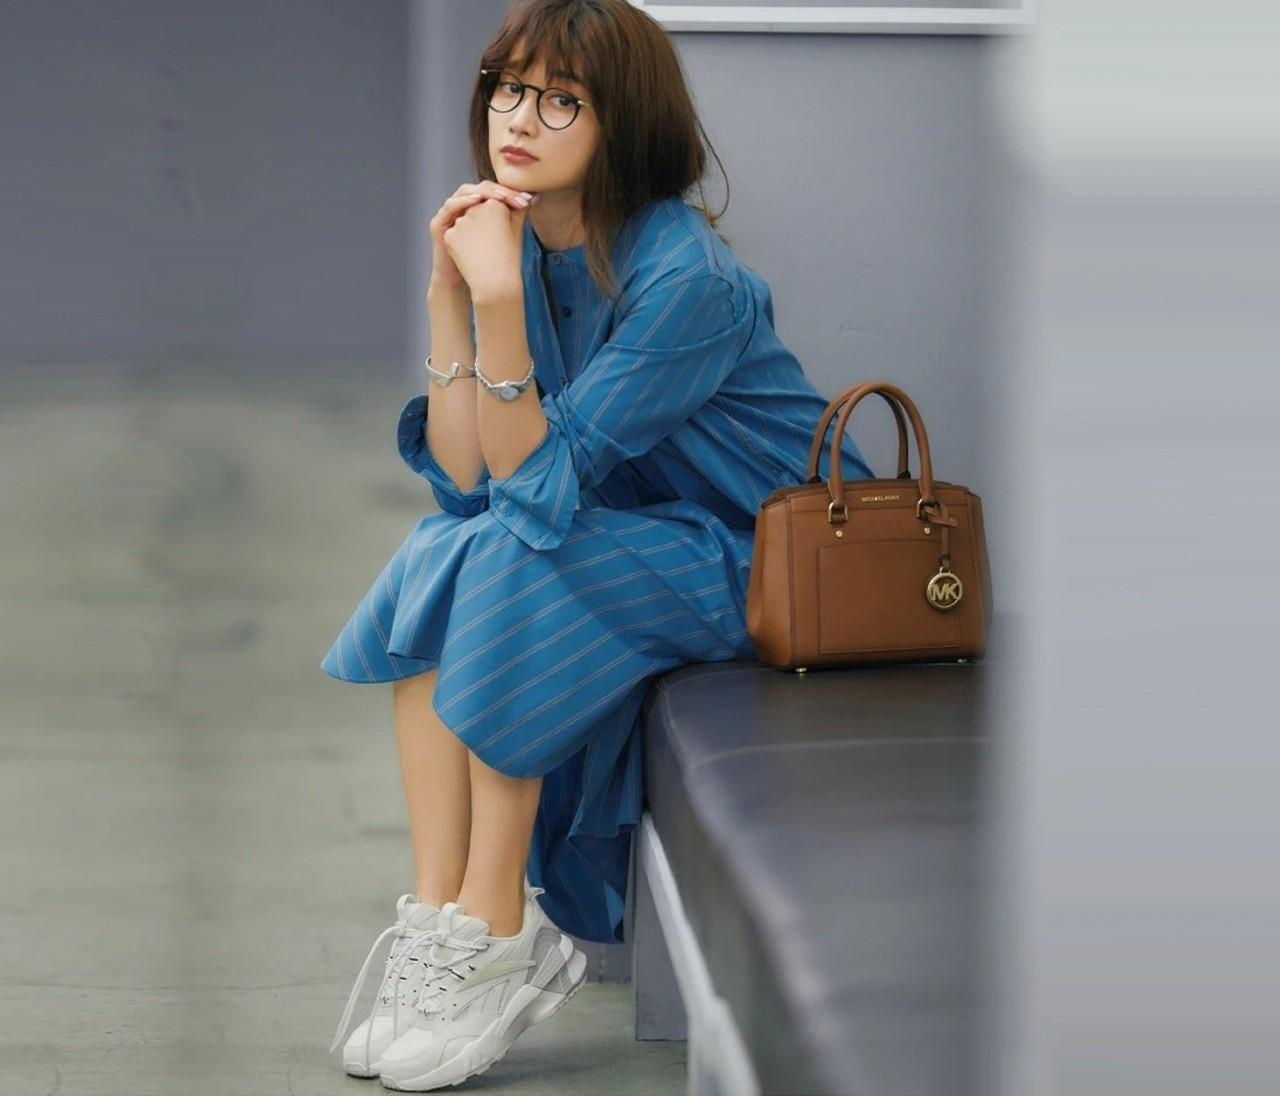 """""""秋スニーカー""""でマンネリコーデからよみがえる!スニーカー28選"""